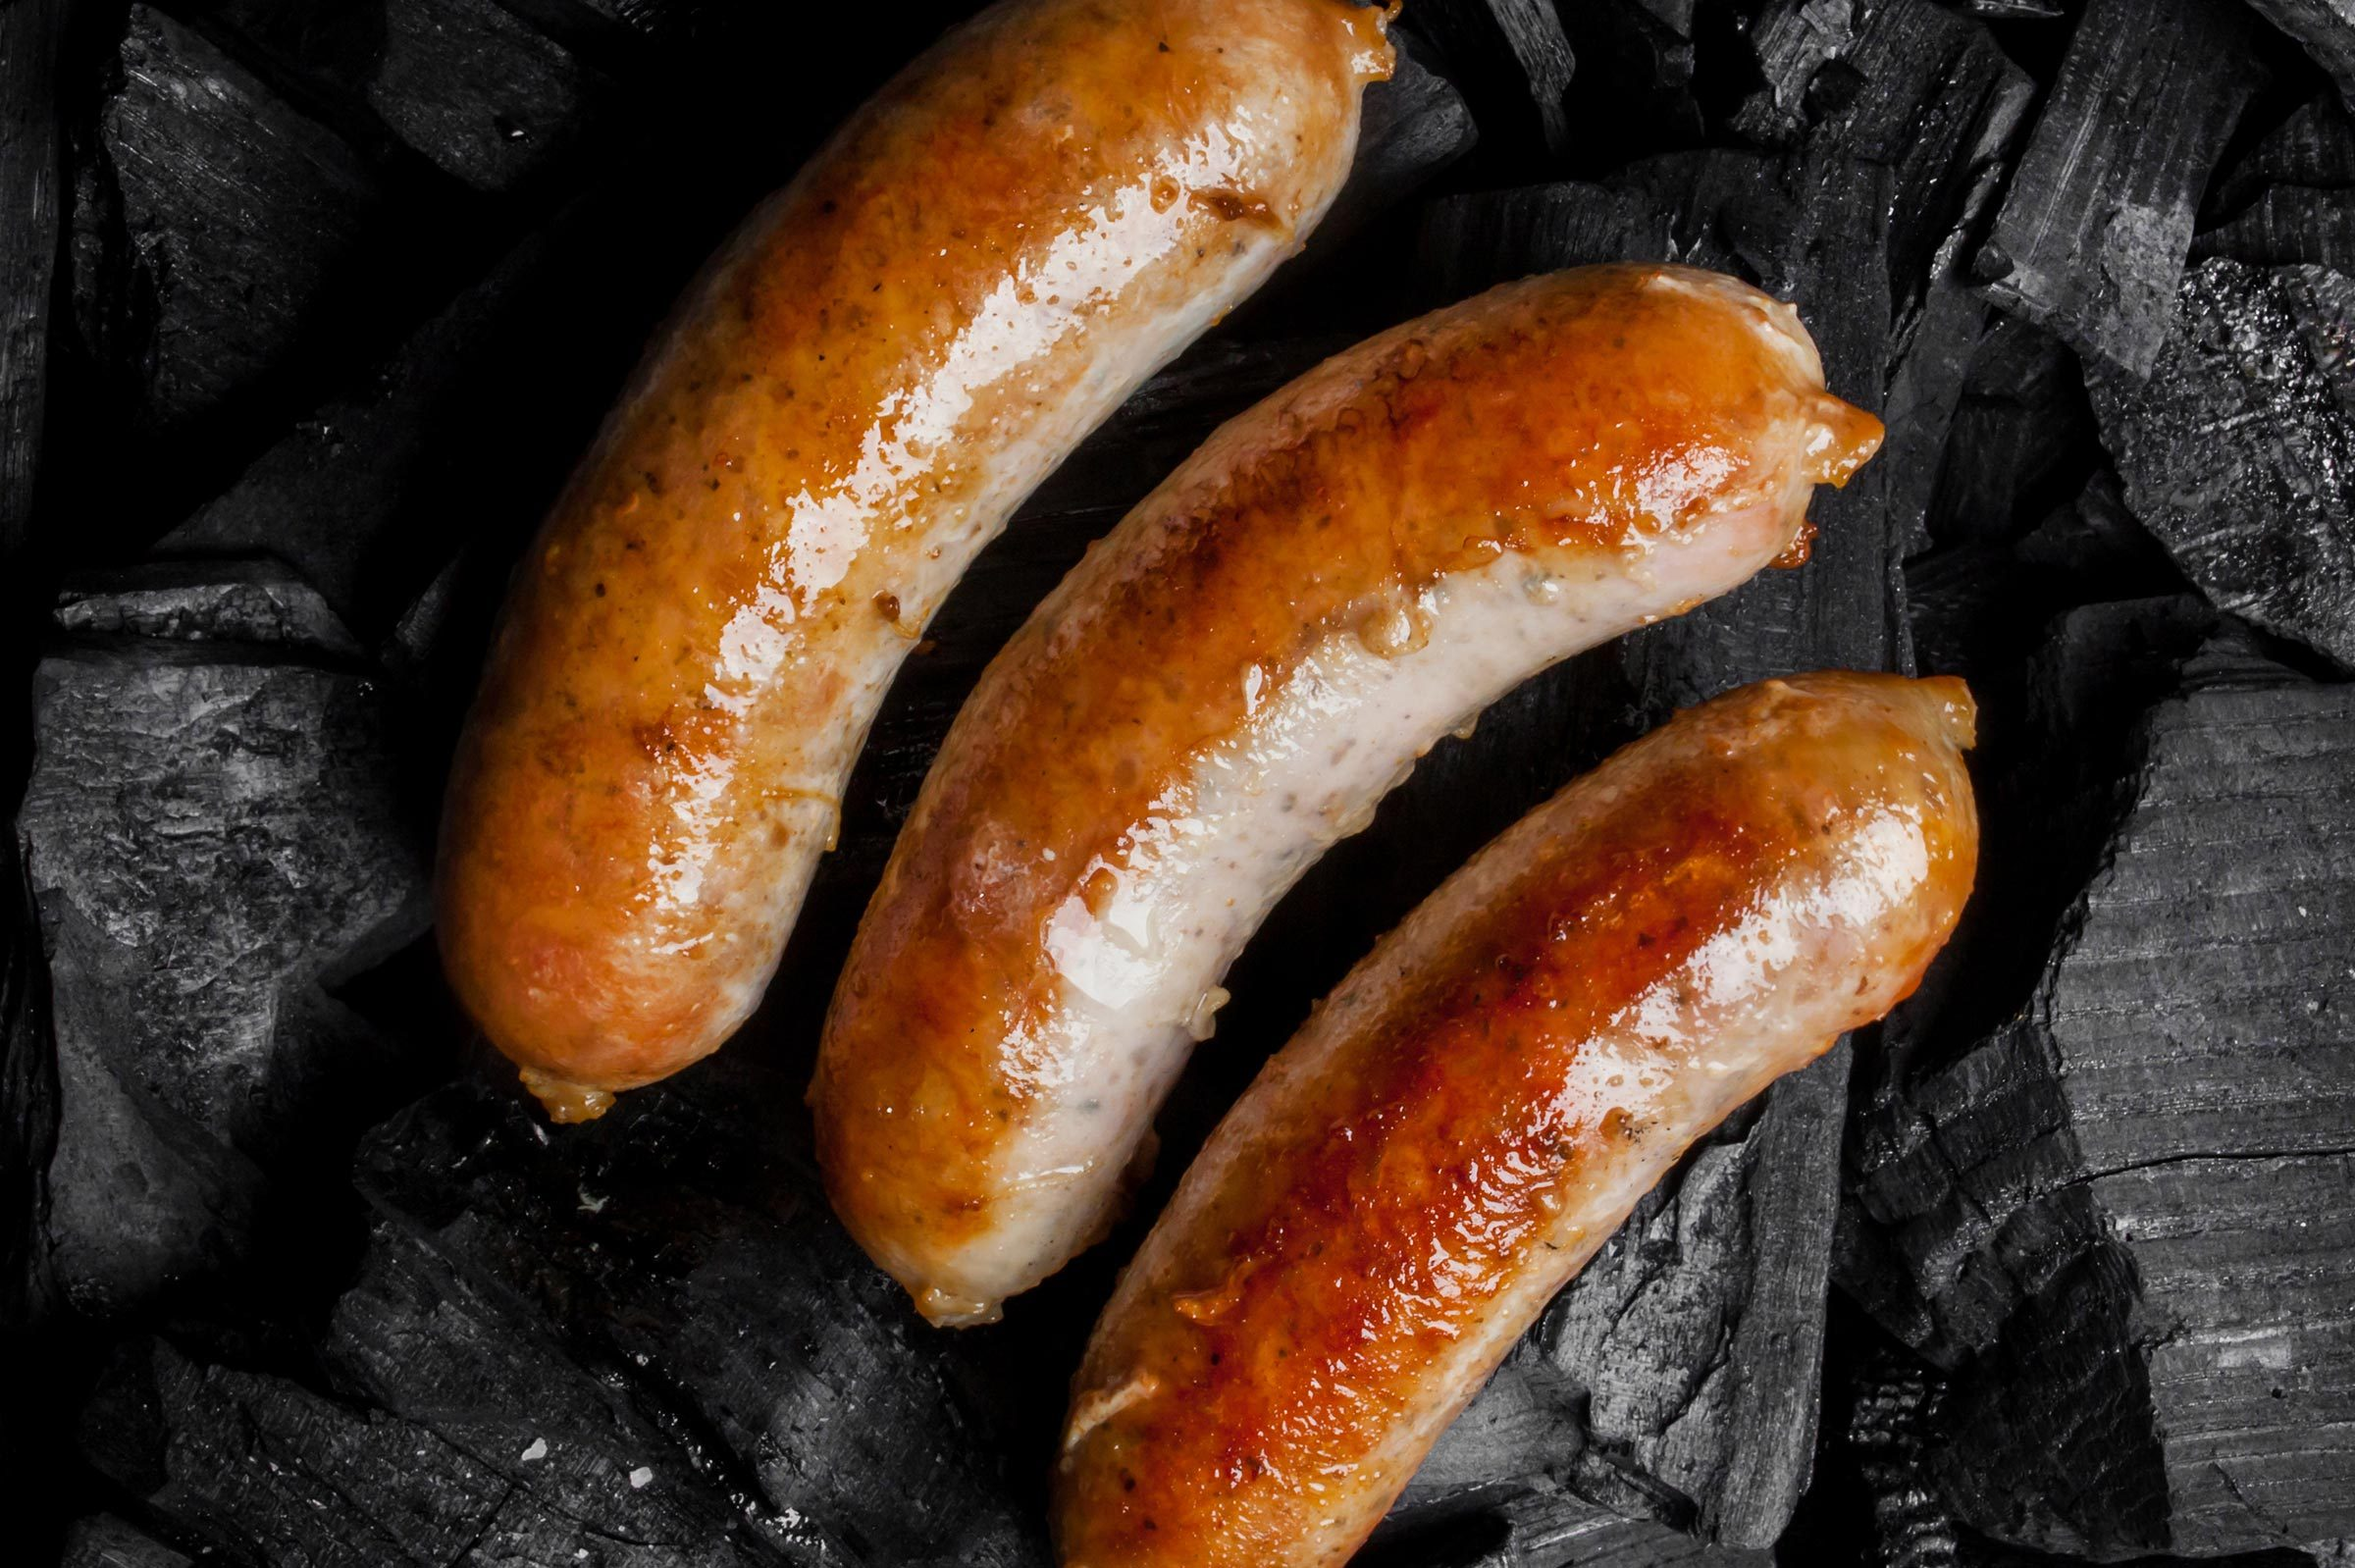 sausage links close up